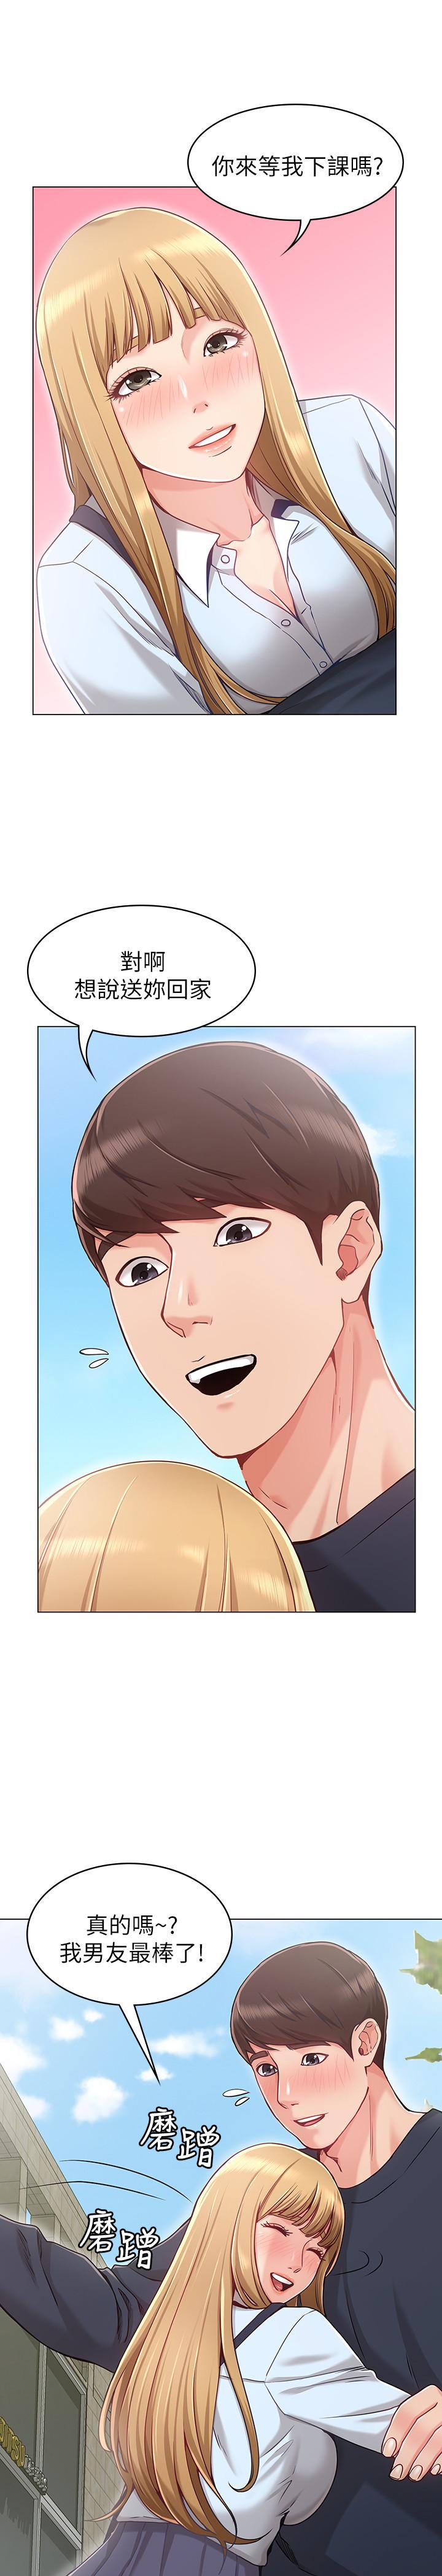 《女友的姐姐》全集在线阅读 韩漫漫画